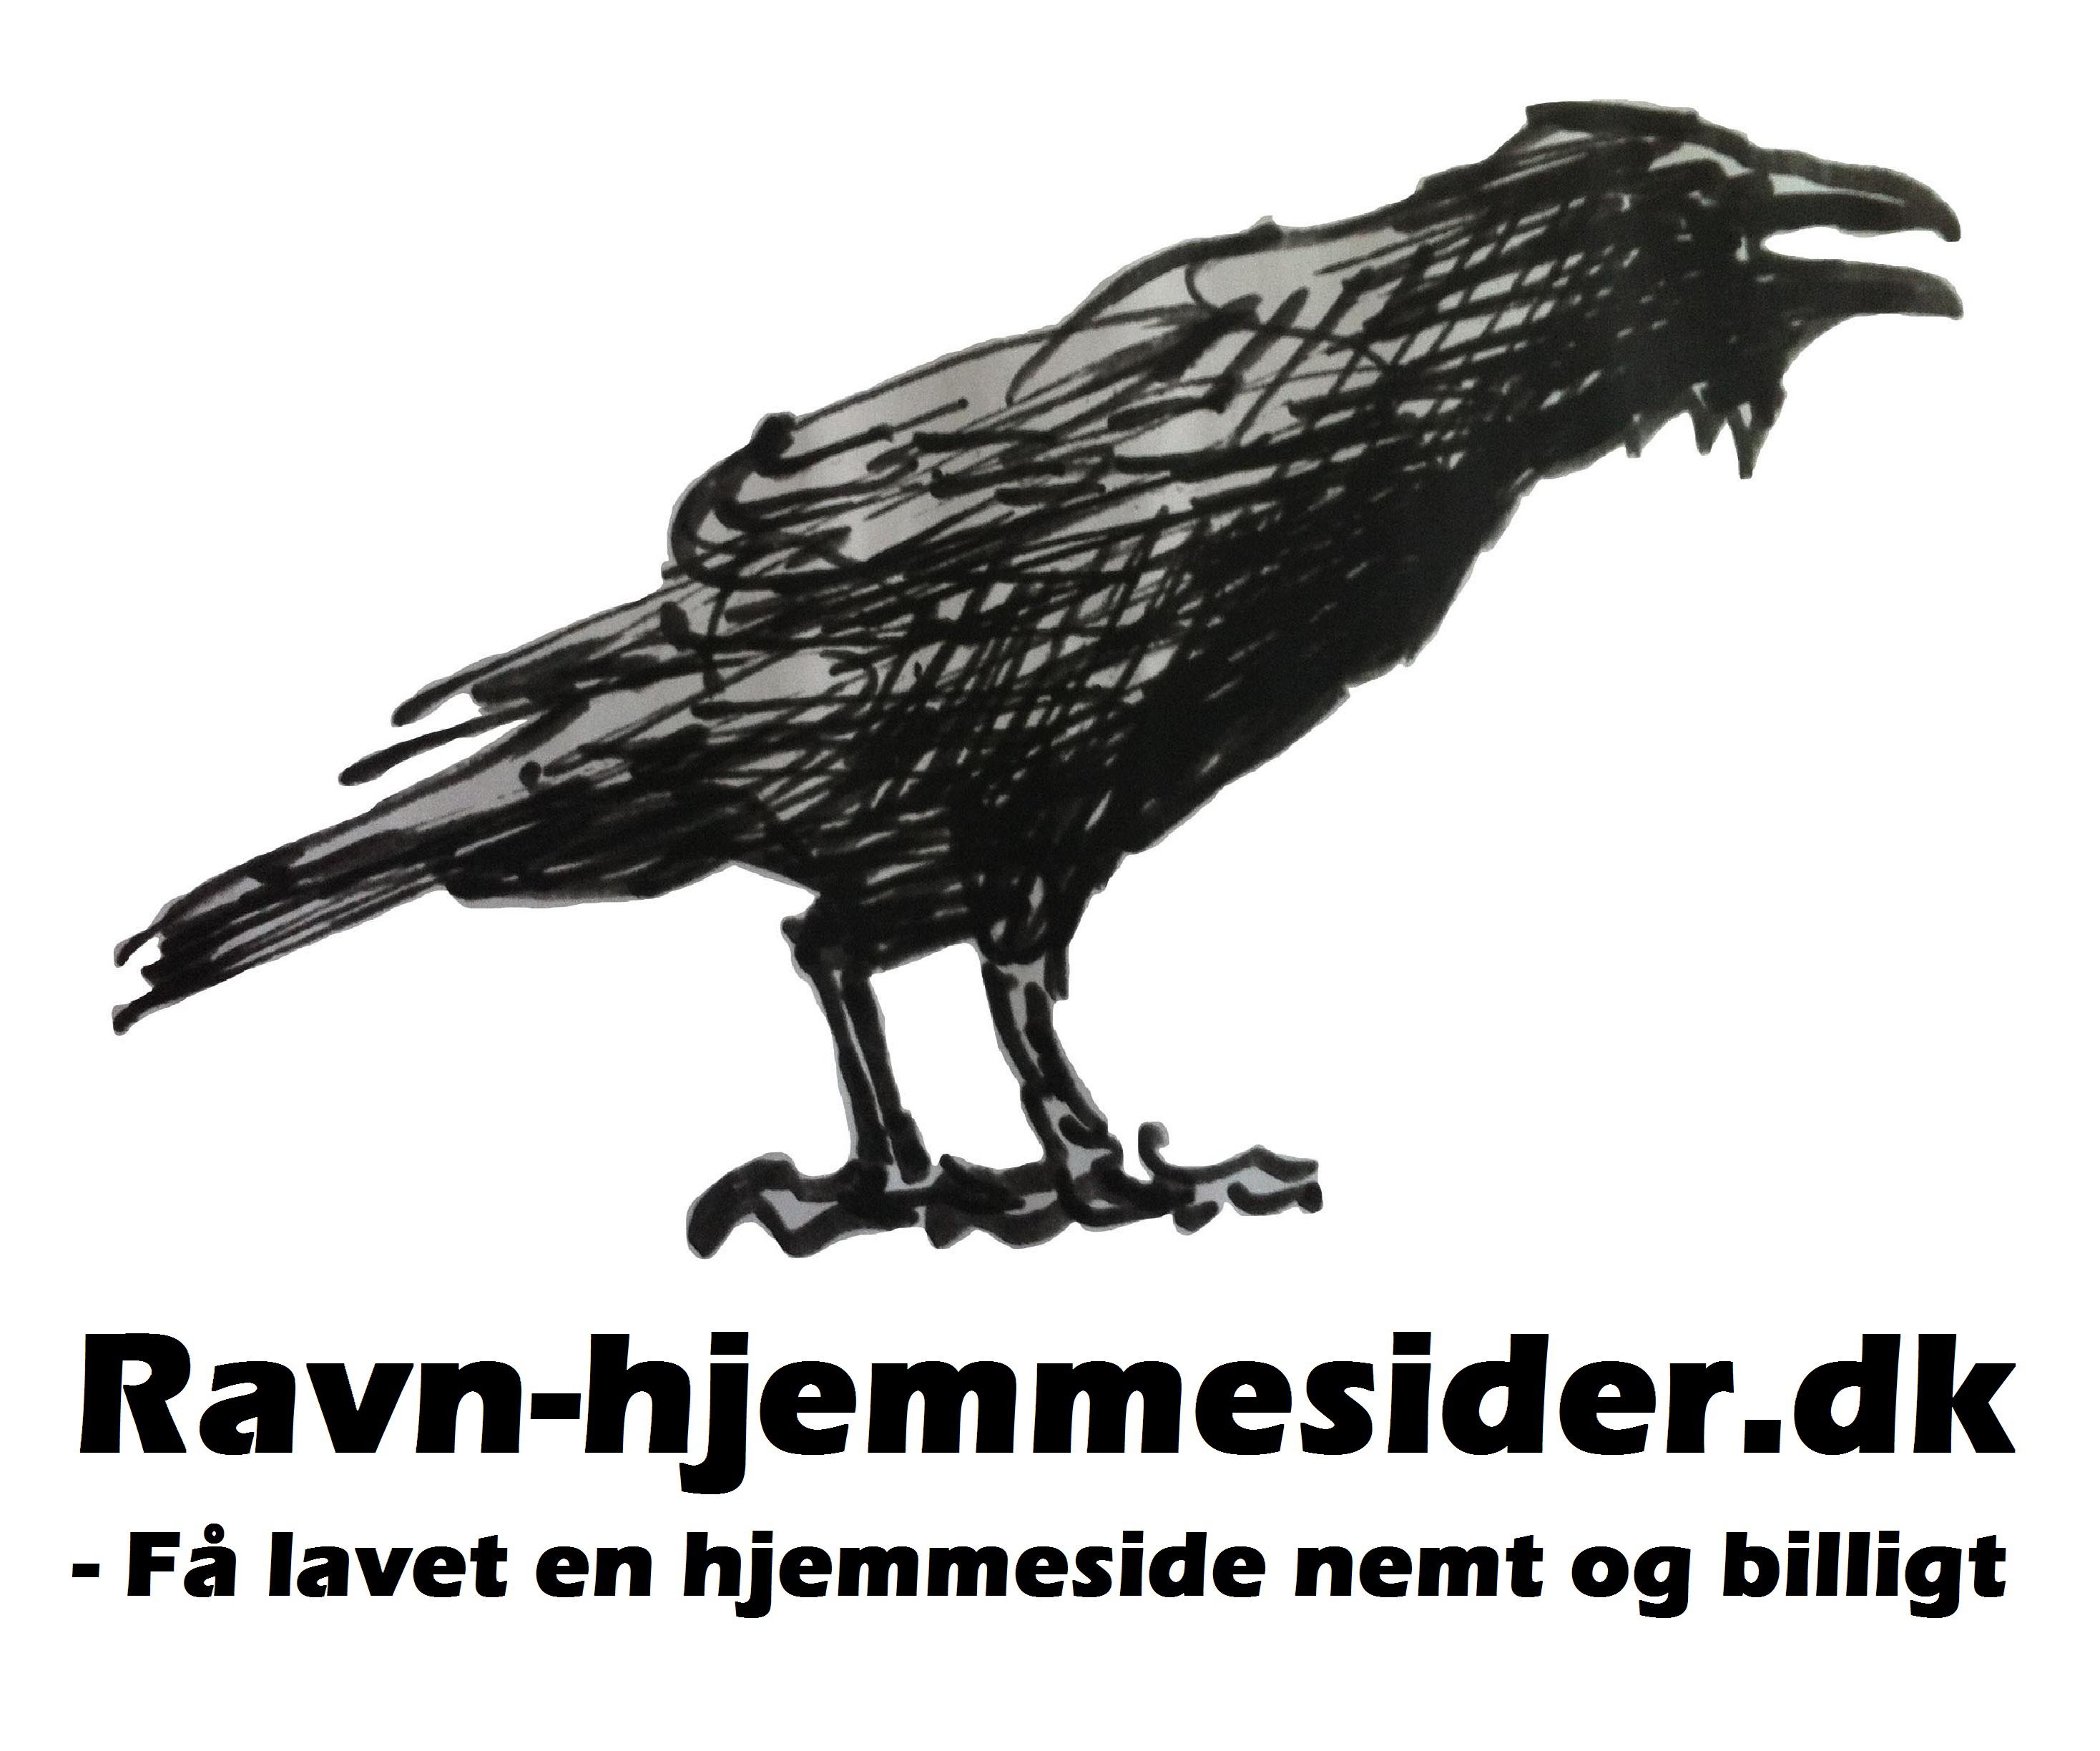 Gammelt logo Ravn Hjemmesider